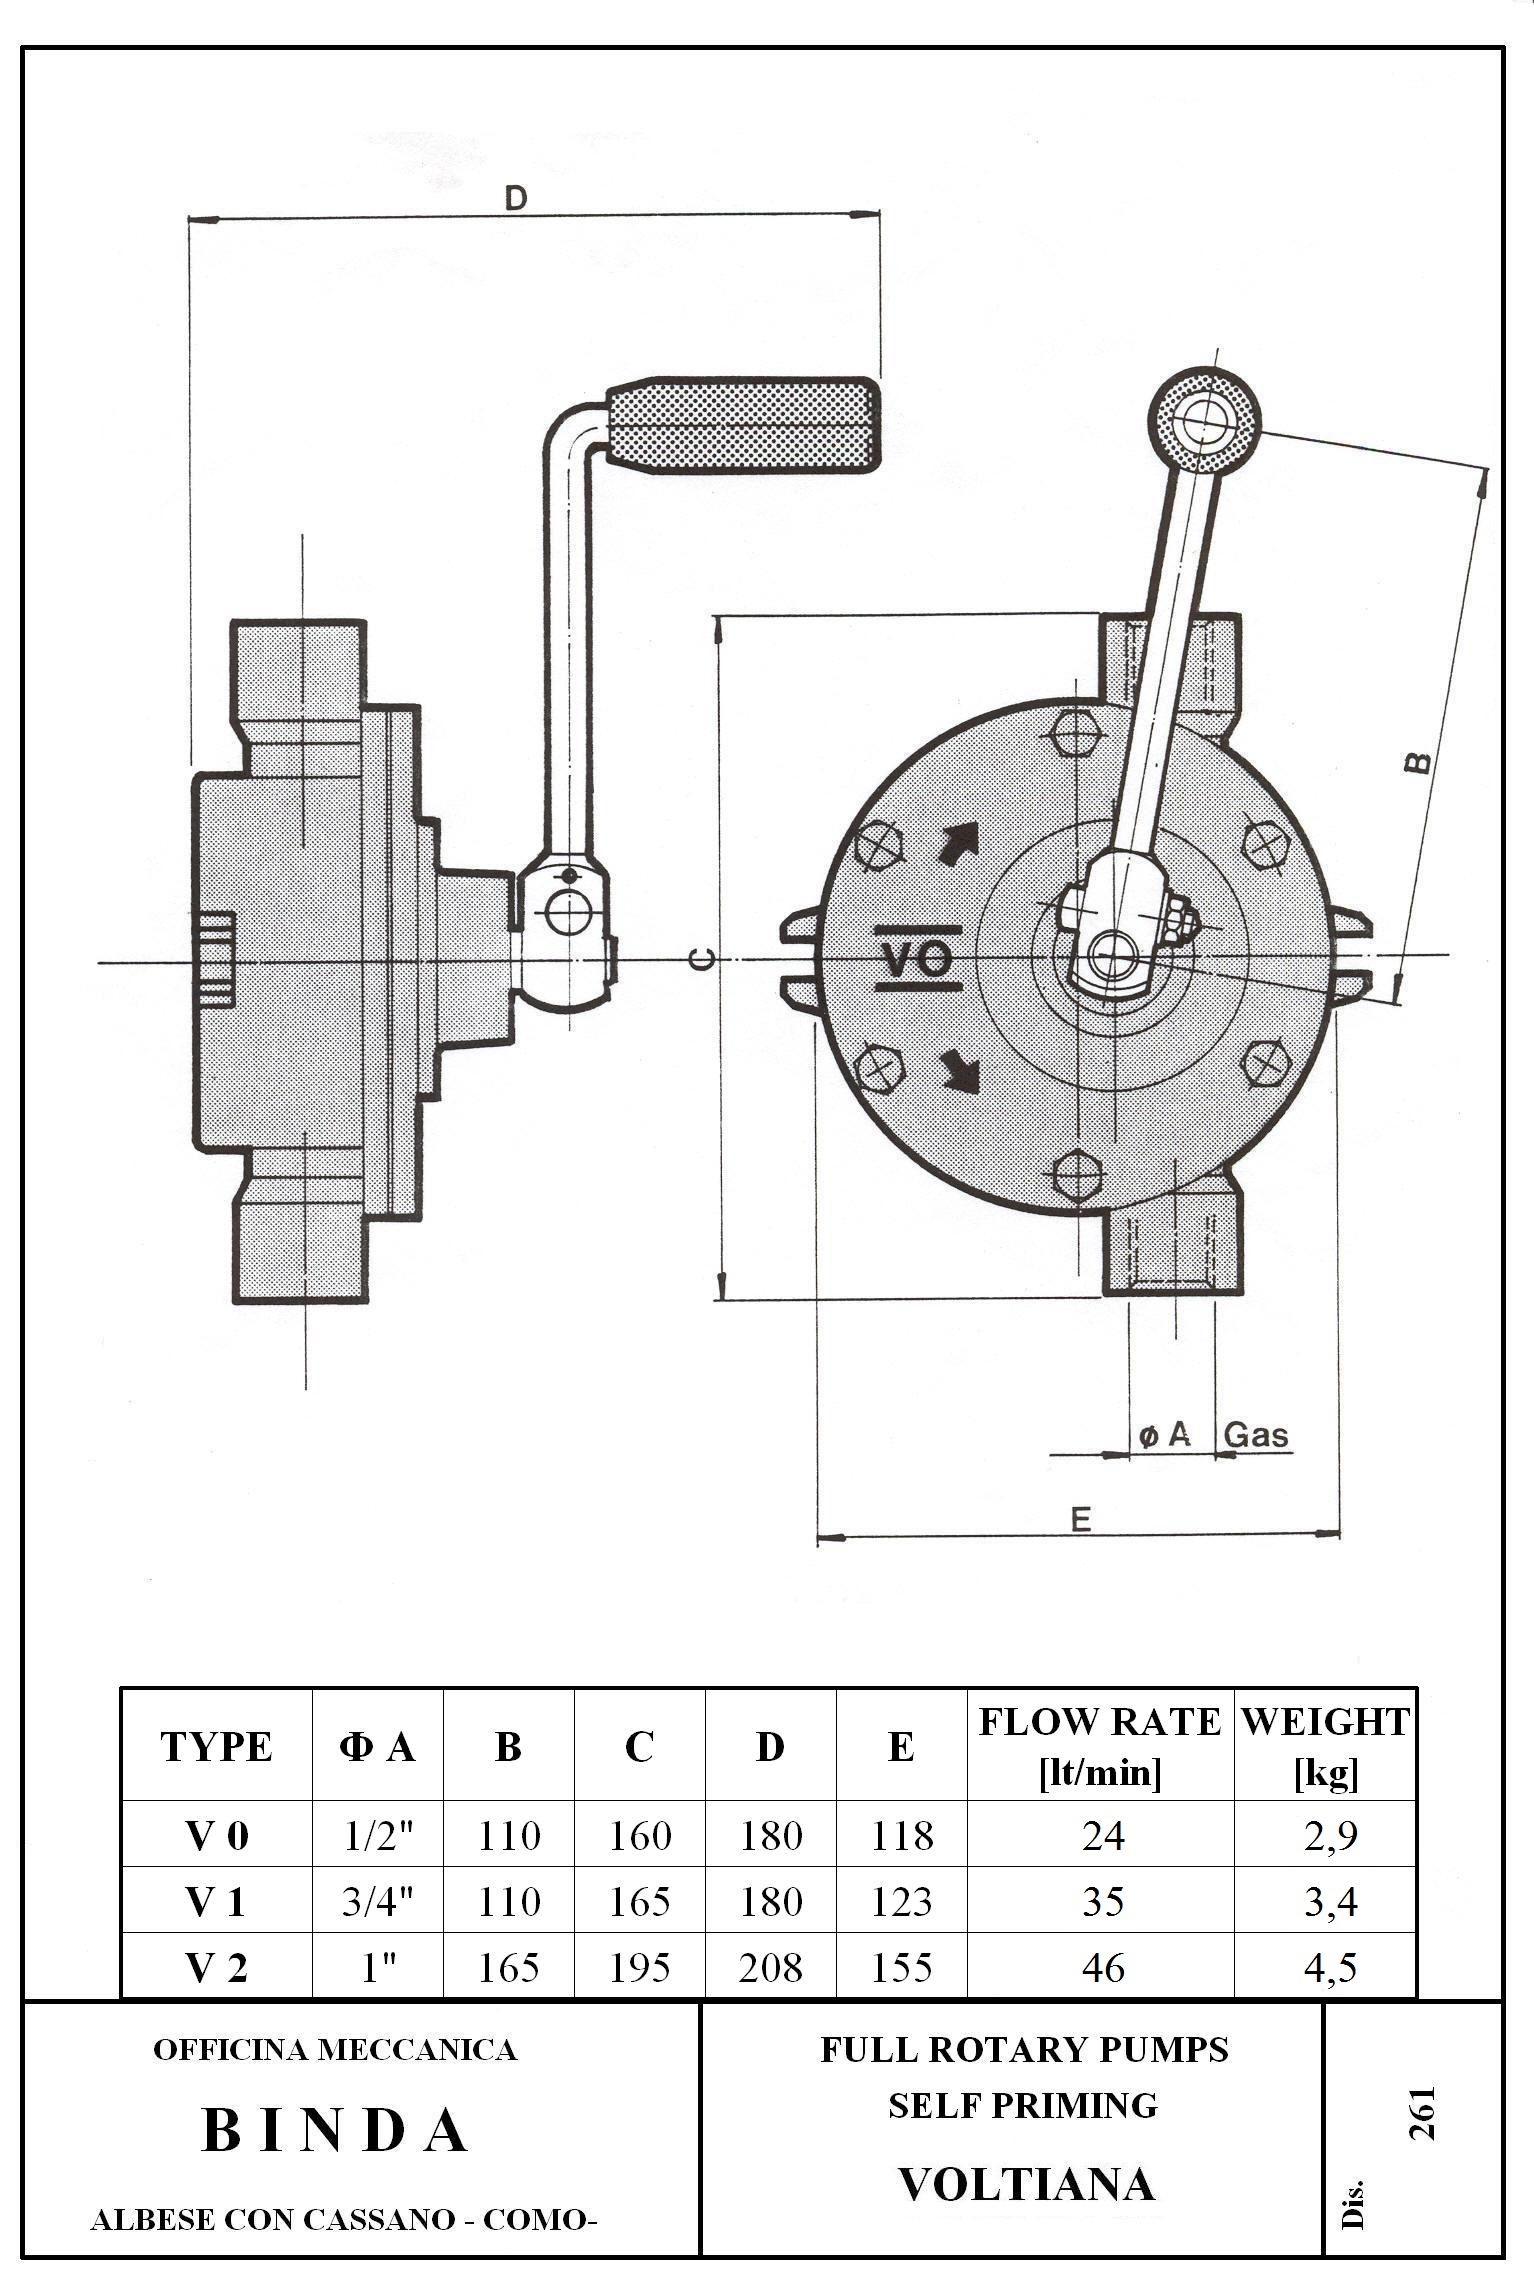 binda voltiana rotary hand pump & manual pump | castle pumps industrial pump diagram industrial wiring diagram symbols chart #4